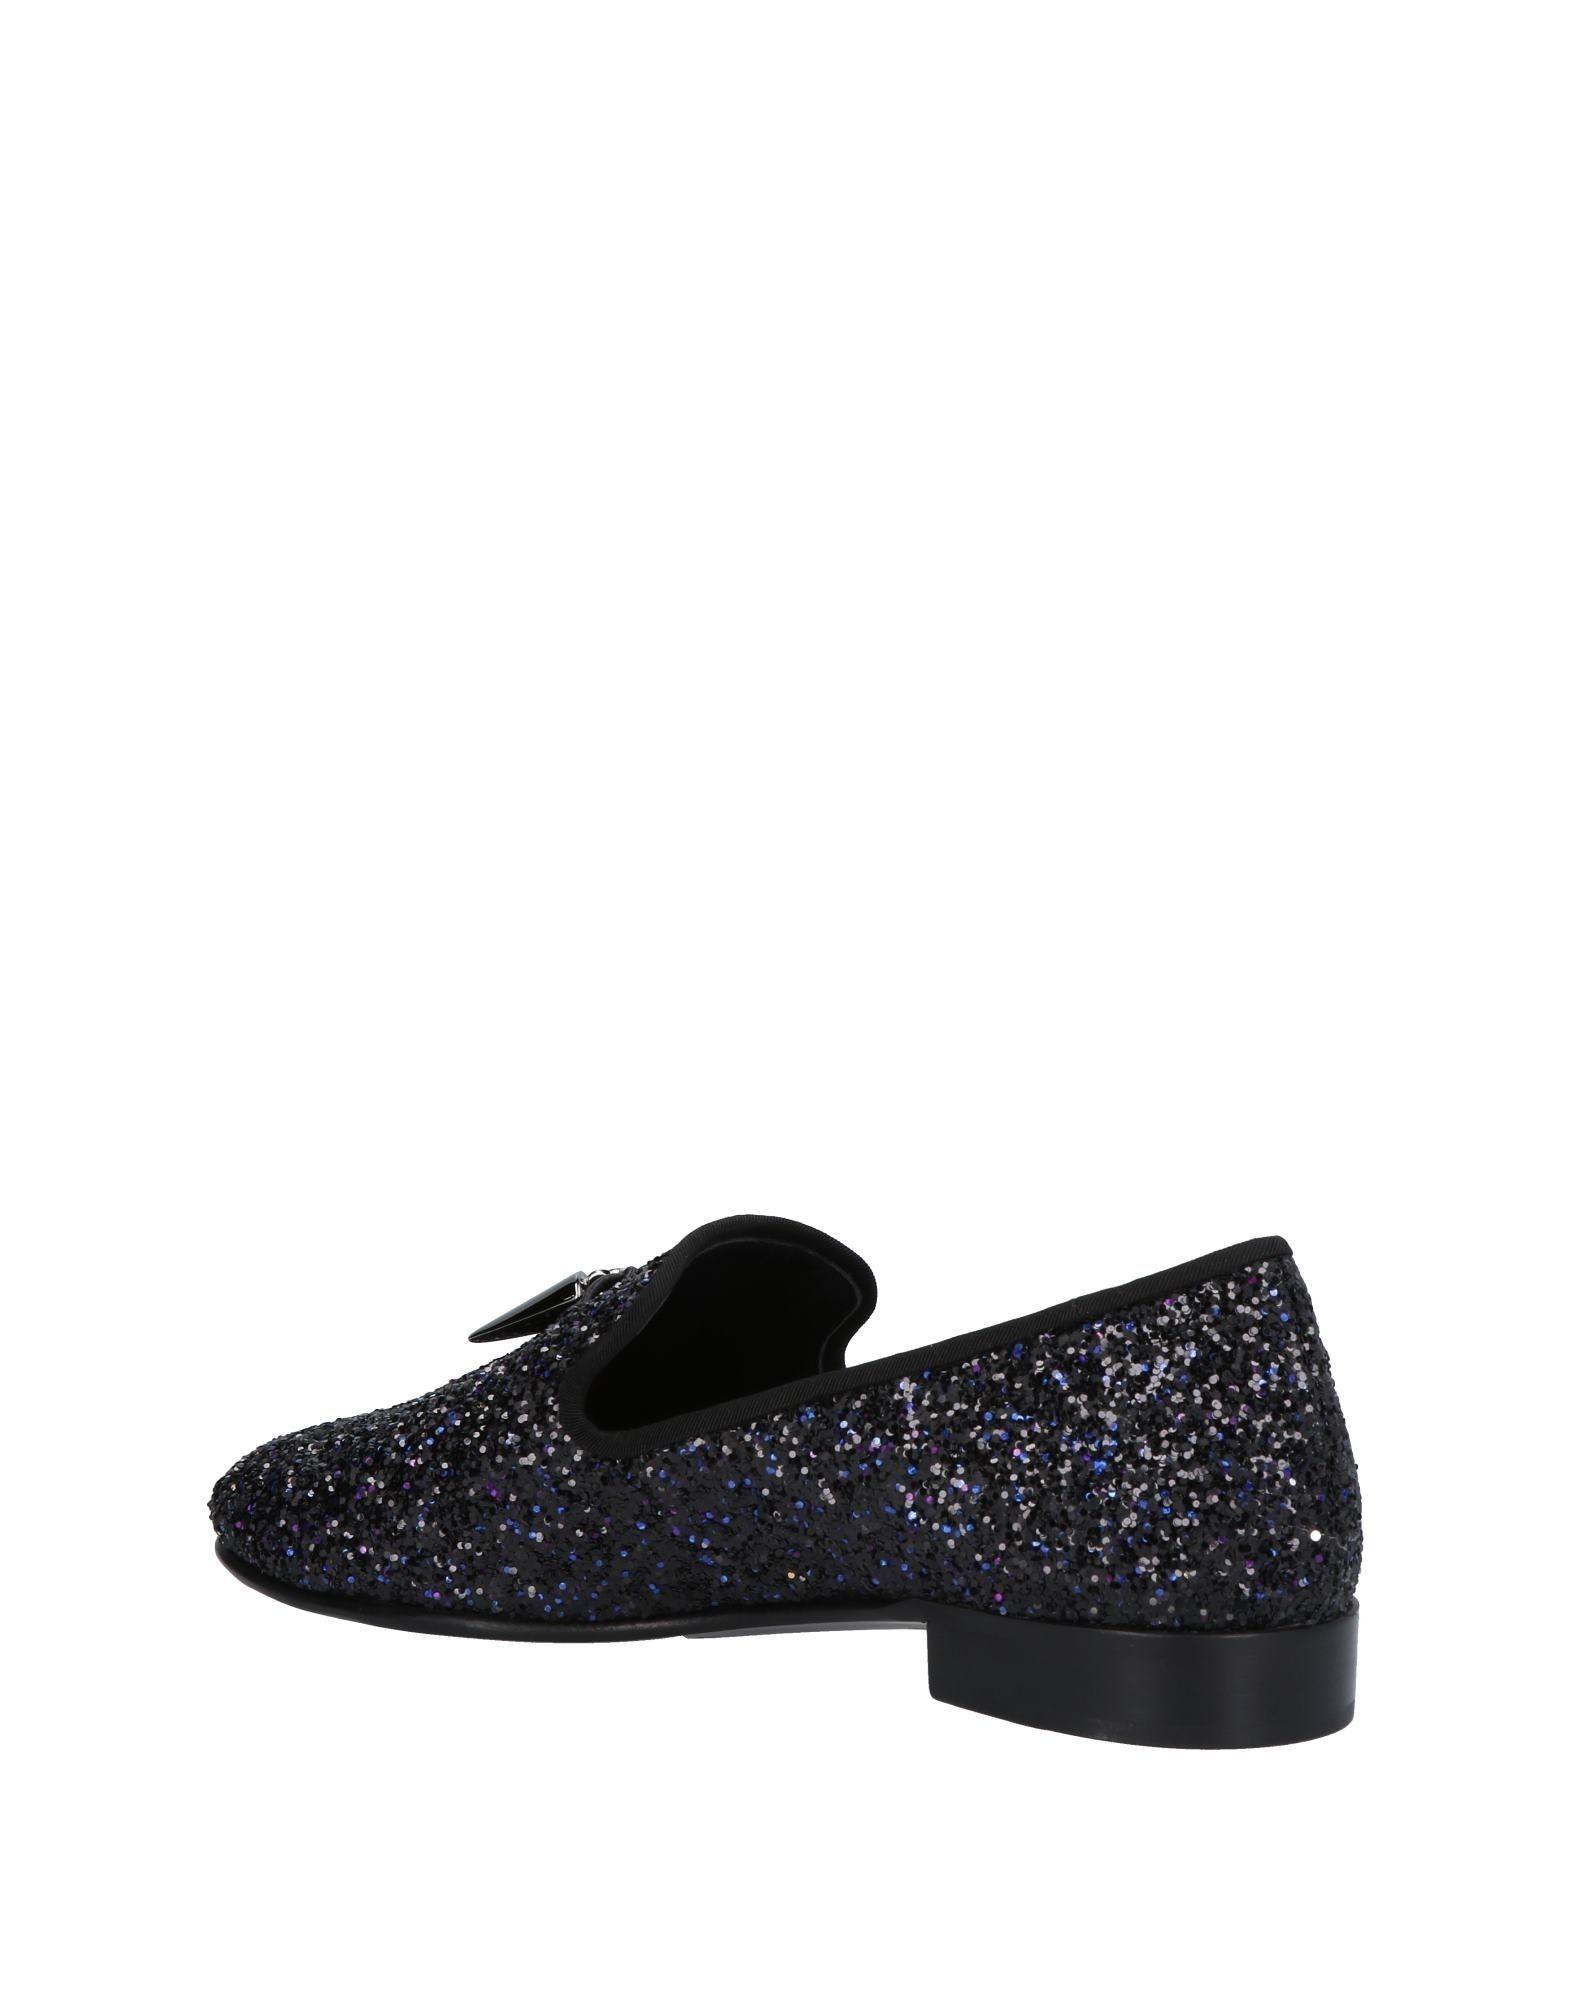 Giuseppe Zanotti Mokassins Herren  Schuhe 11463807RL Gute Qualität beliebte Schuhe  6f38b0